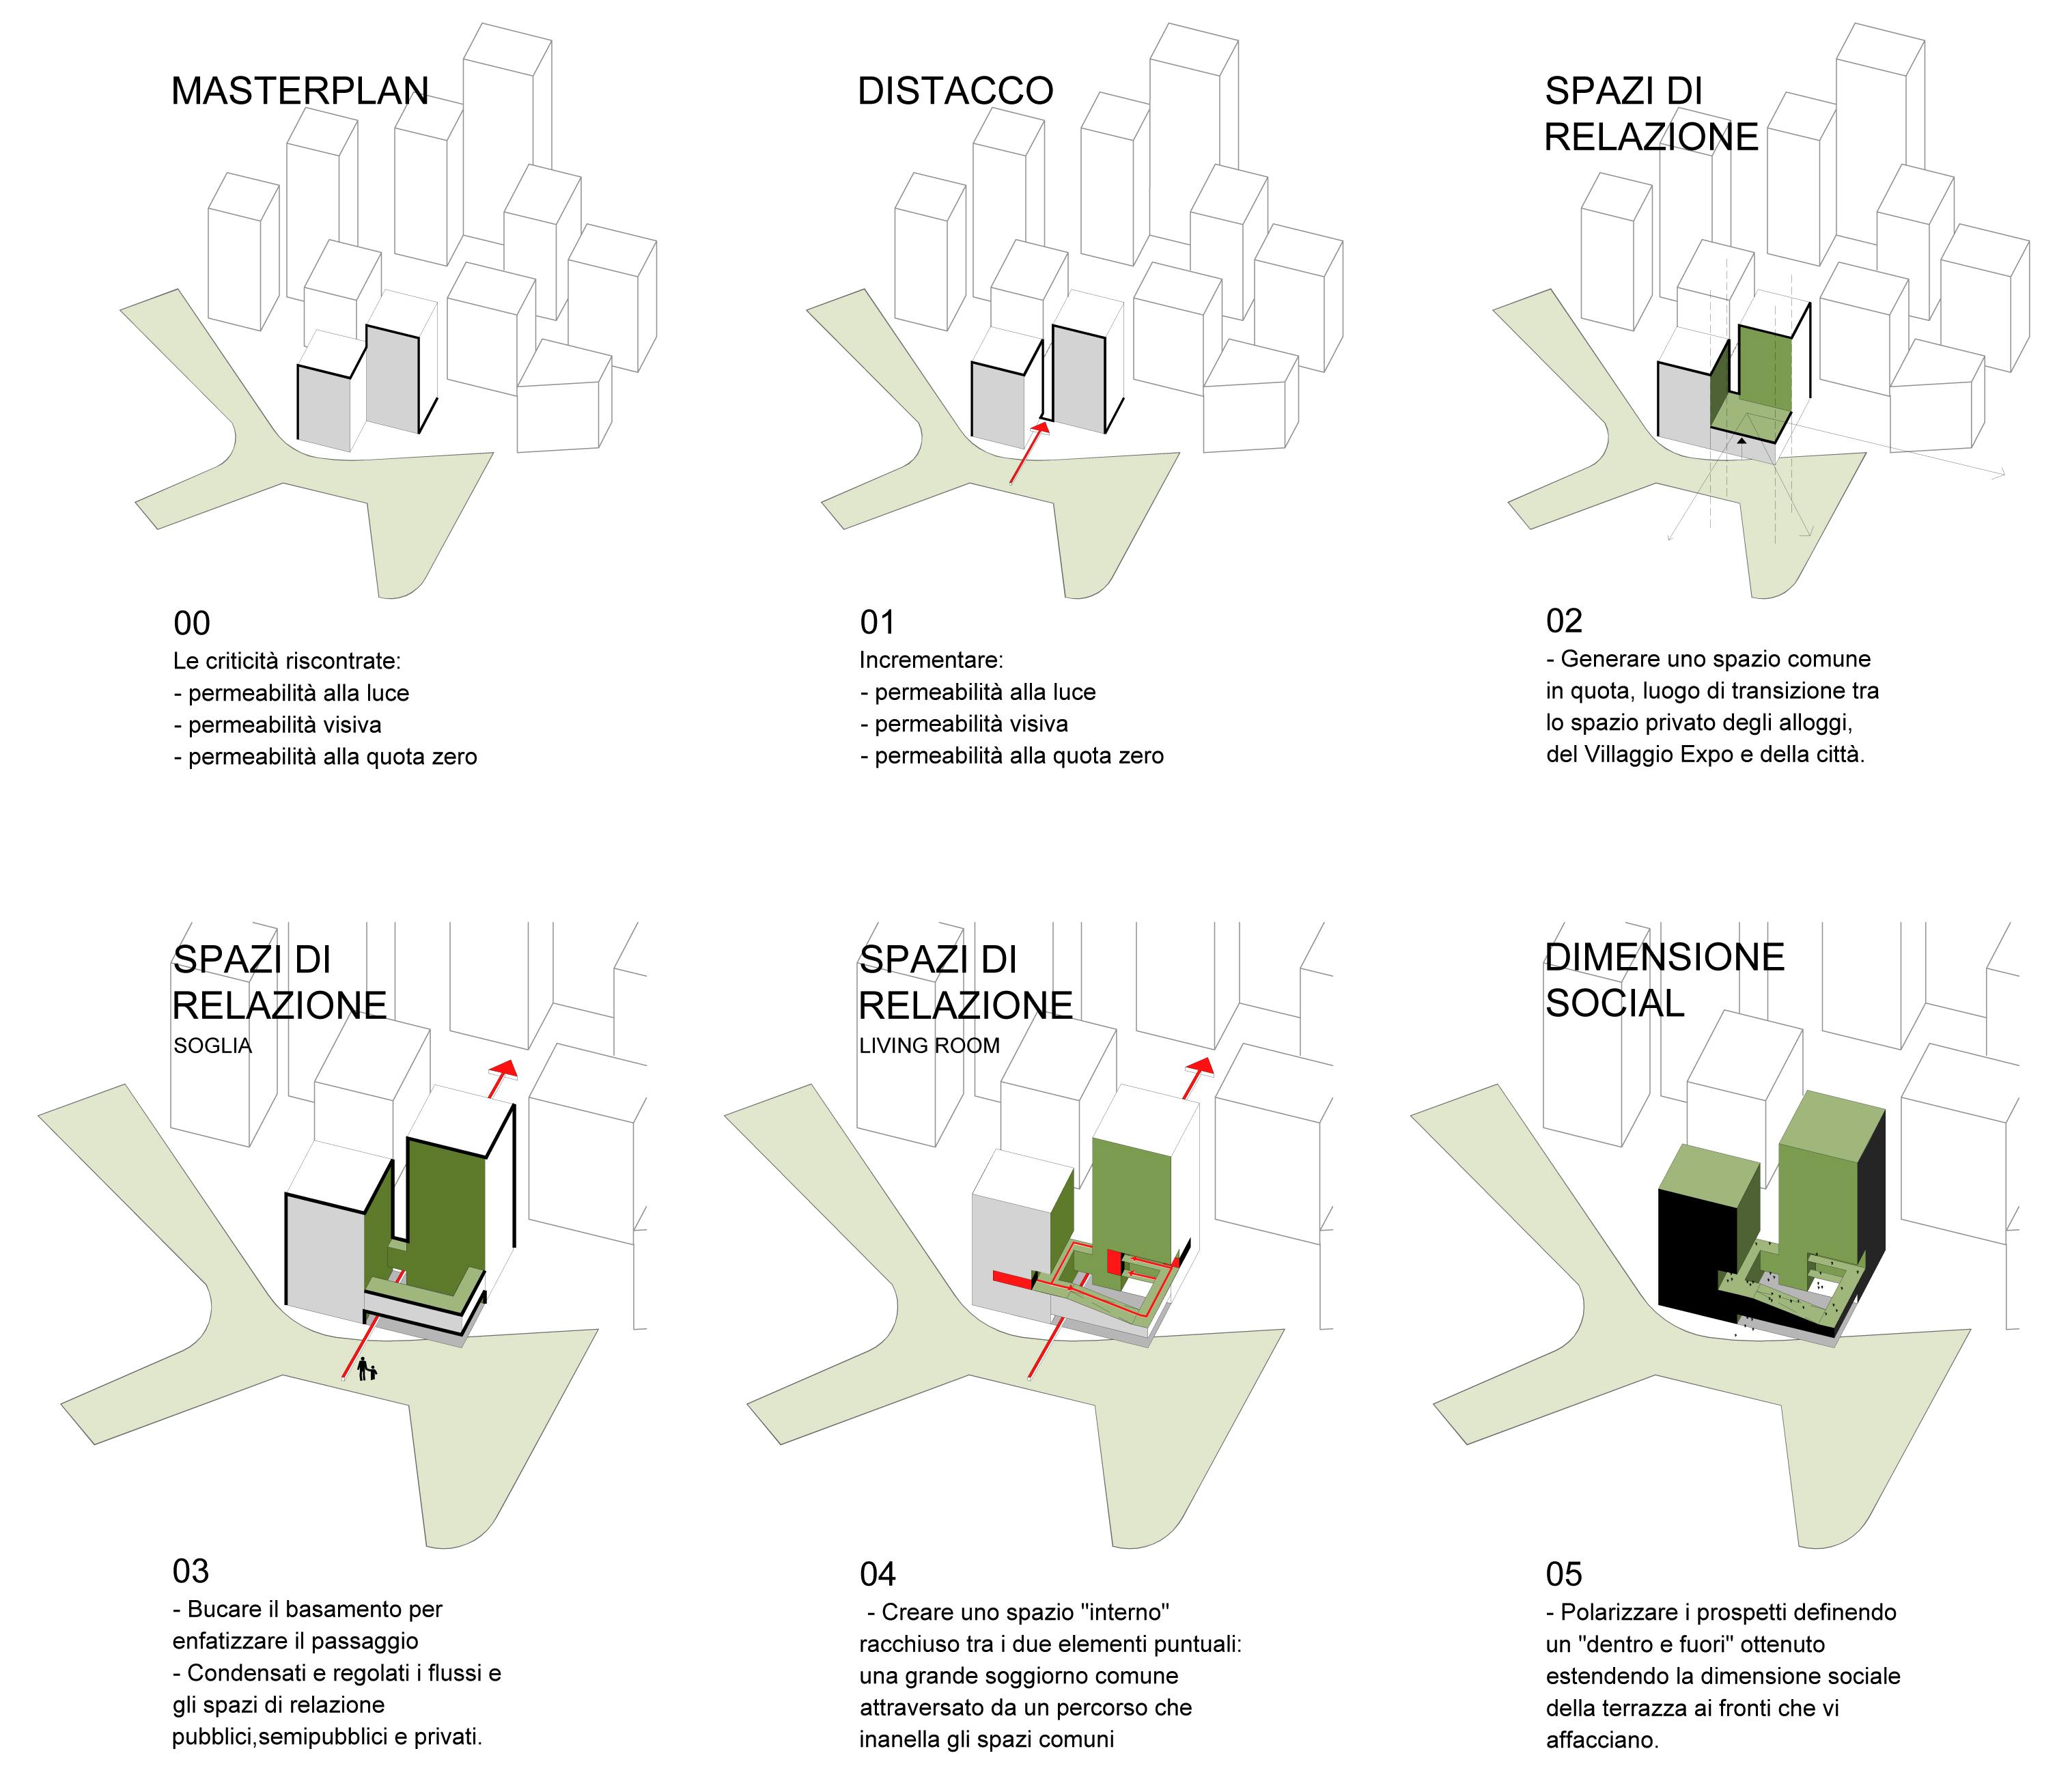 Villaggio Expo 2015 Milano | UP! Design and Research Lab